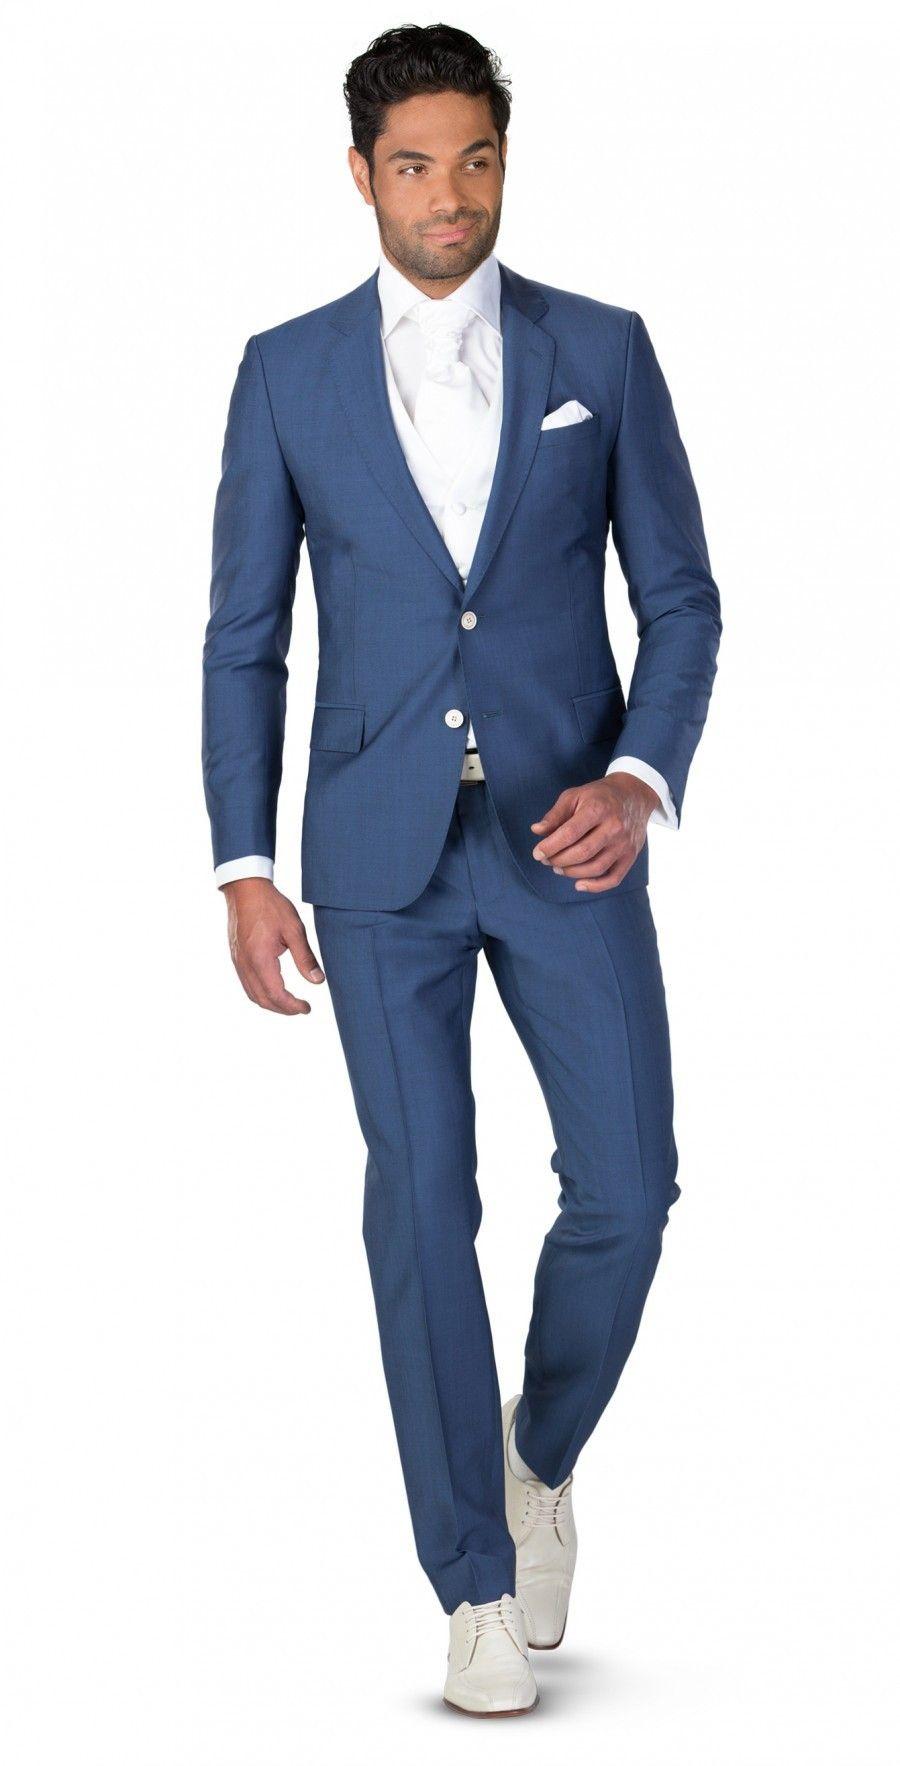 twee delig kostuum | ROKA | trouwpakken | Pinterest | Men\'s suits